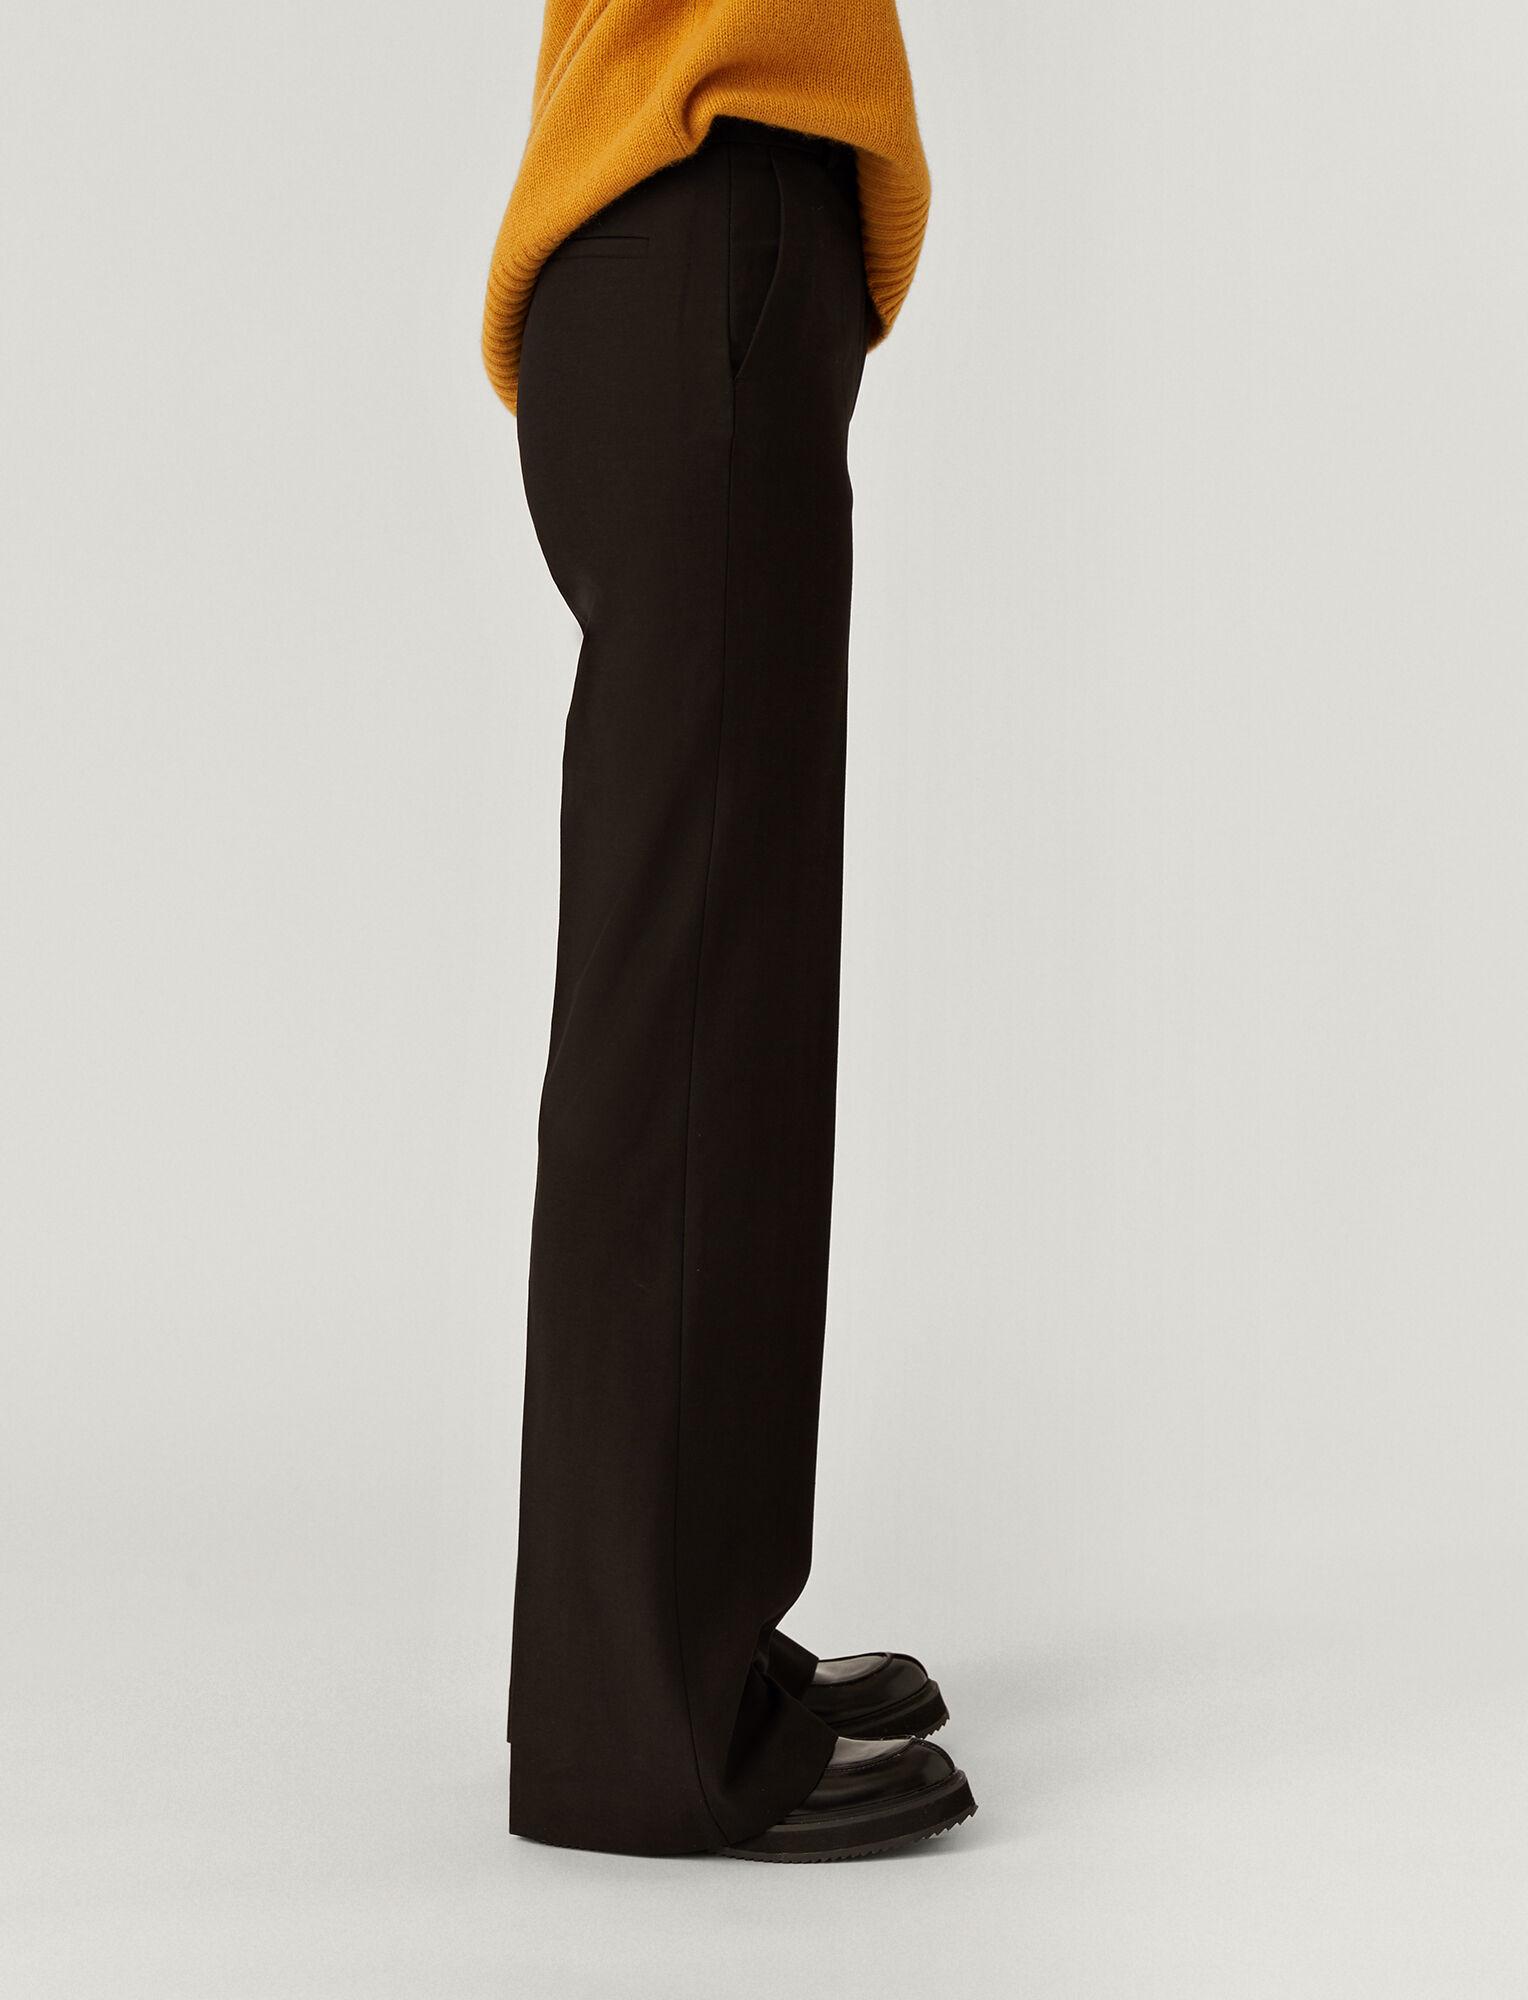 Joseph, Bi-Stretch Toile Richard Trousers, in BLACK